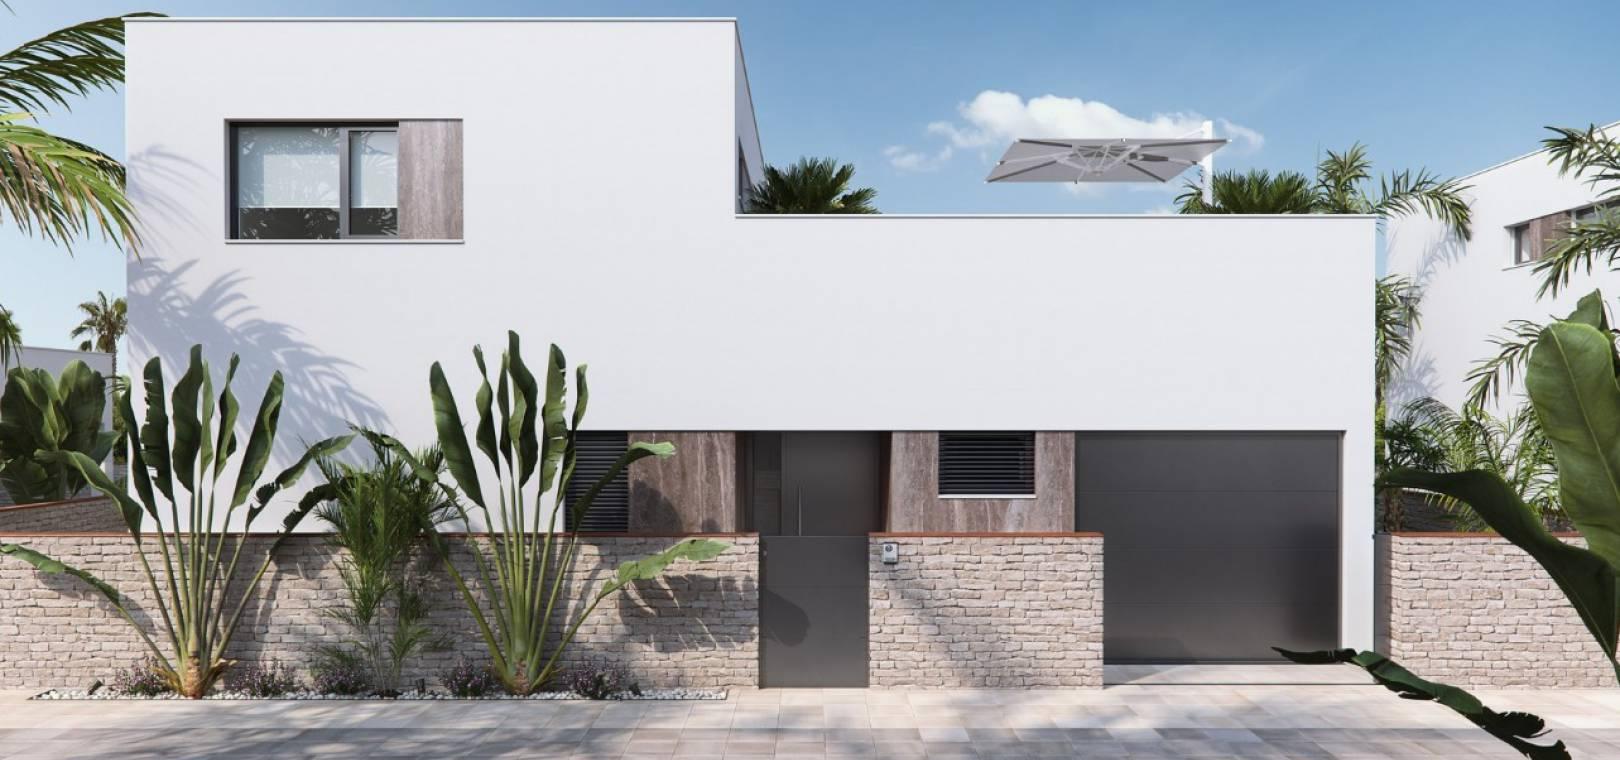 Torre_de_la_Horadada_New_Build_Luxury_Villas_For_Sale_nsp257_2